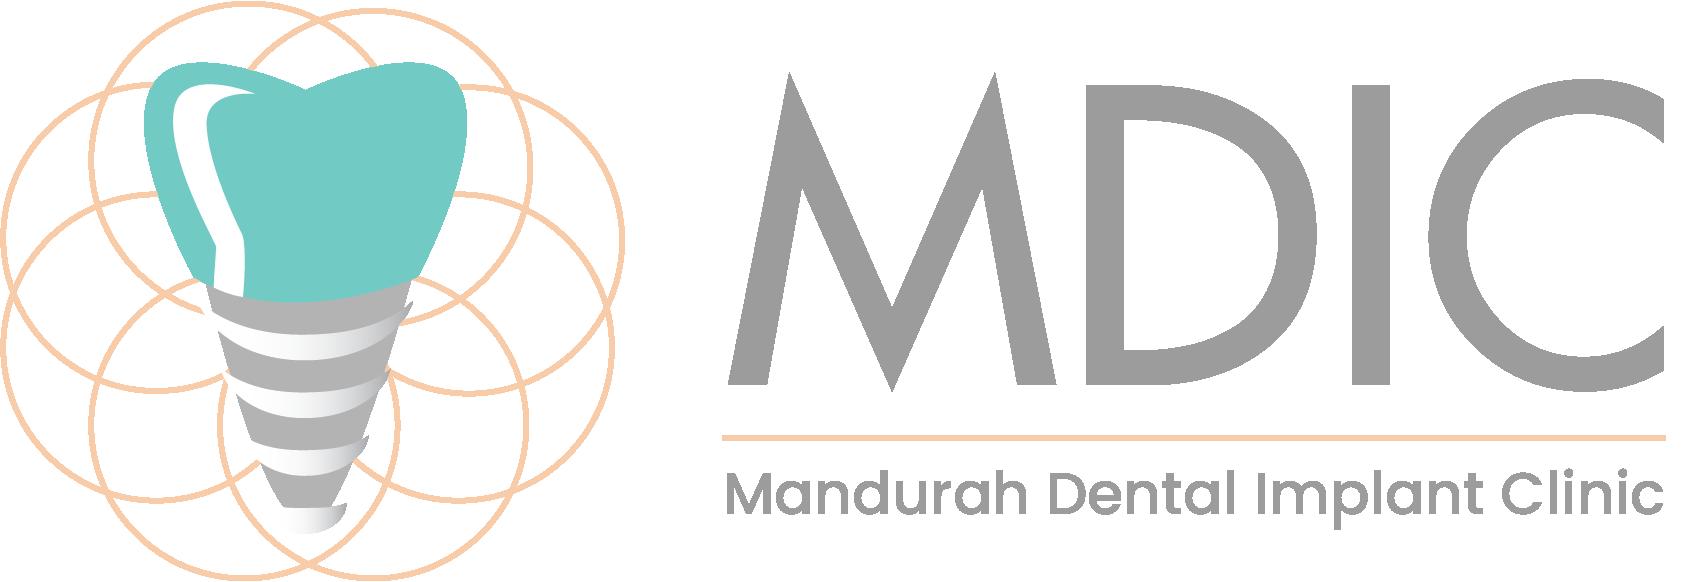 Mandurah Dental Implant Centre